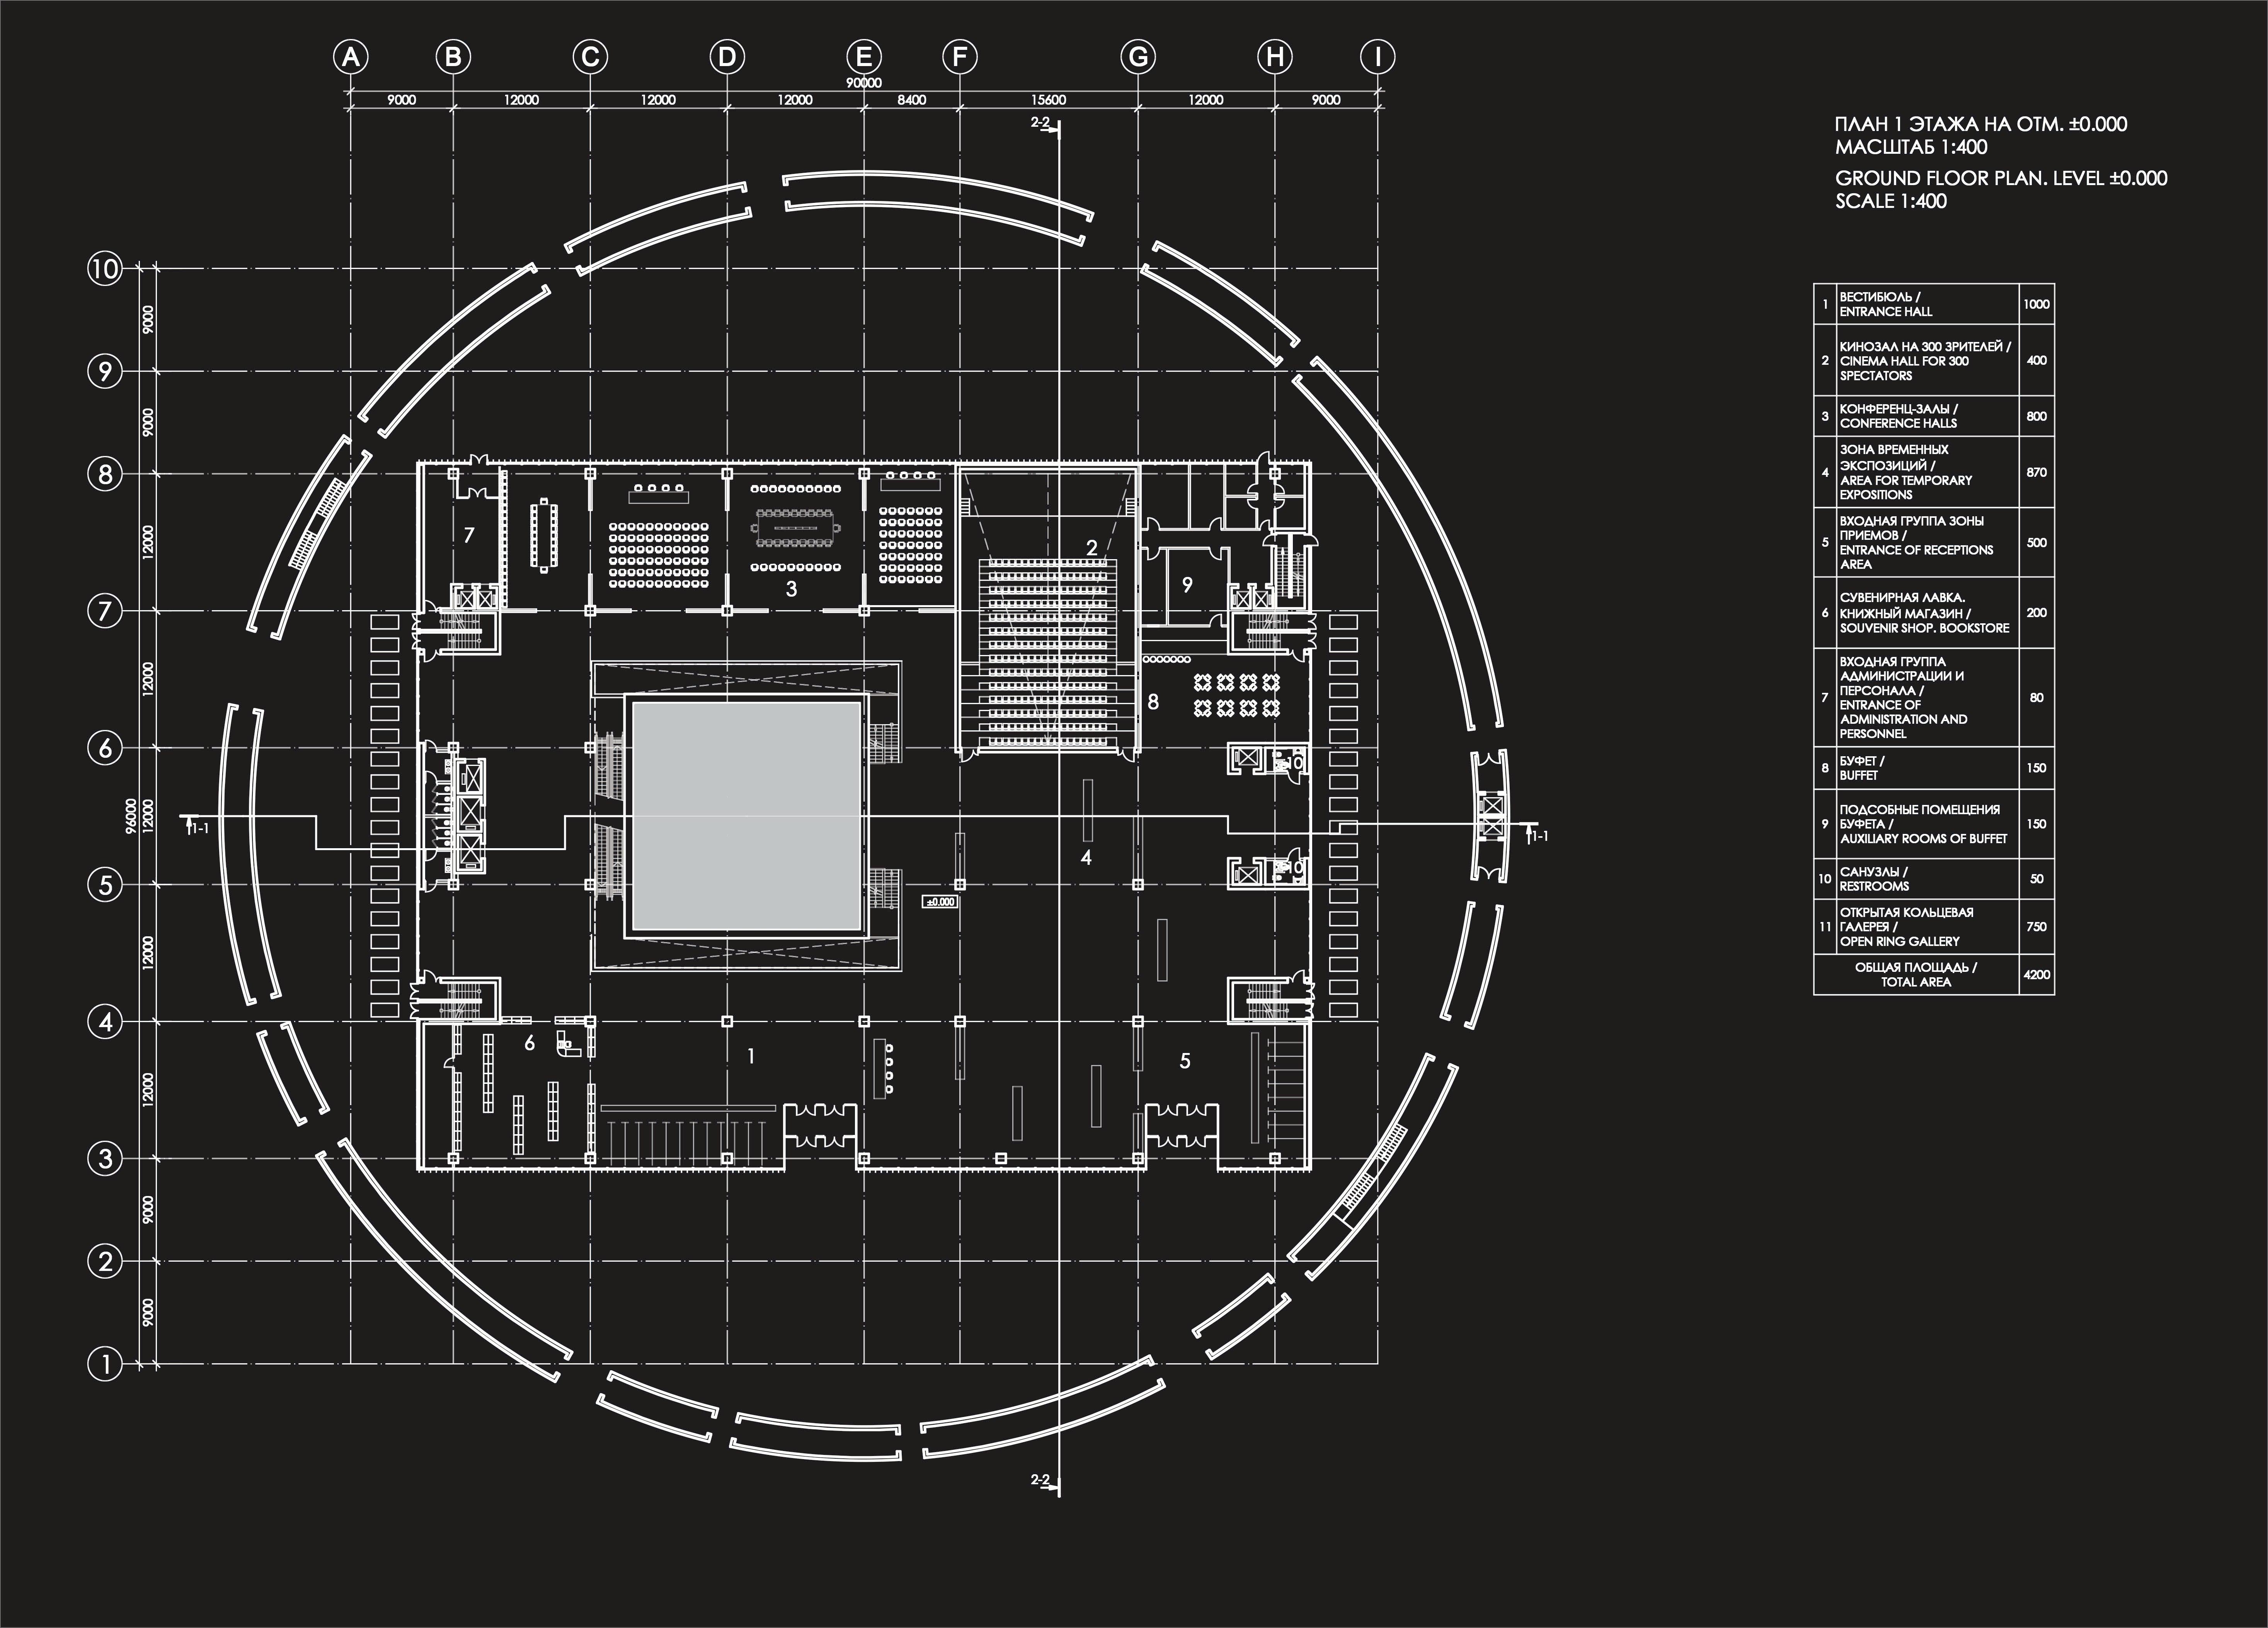 План 1 этажа КОНКУРСНЫЙПРОЕКТКОНЦЕПЦИИ ПЛАНИРОВОЧНОГО РЕШЕНИЯ МУЗЕЙНО-ВЫСТАВОЧНОГО ЦЕНТРА «ОБОРОНА